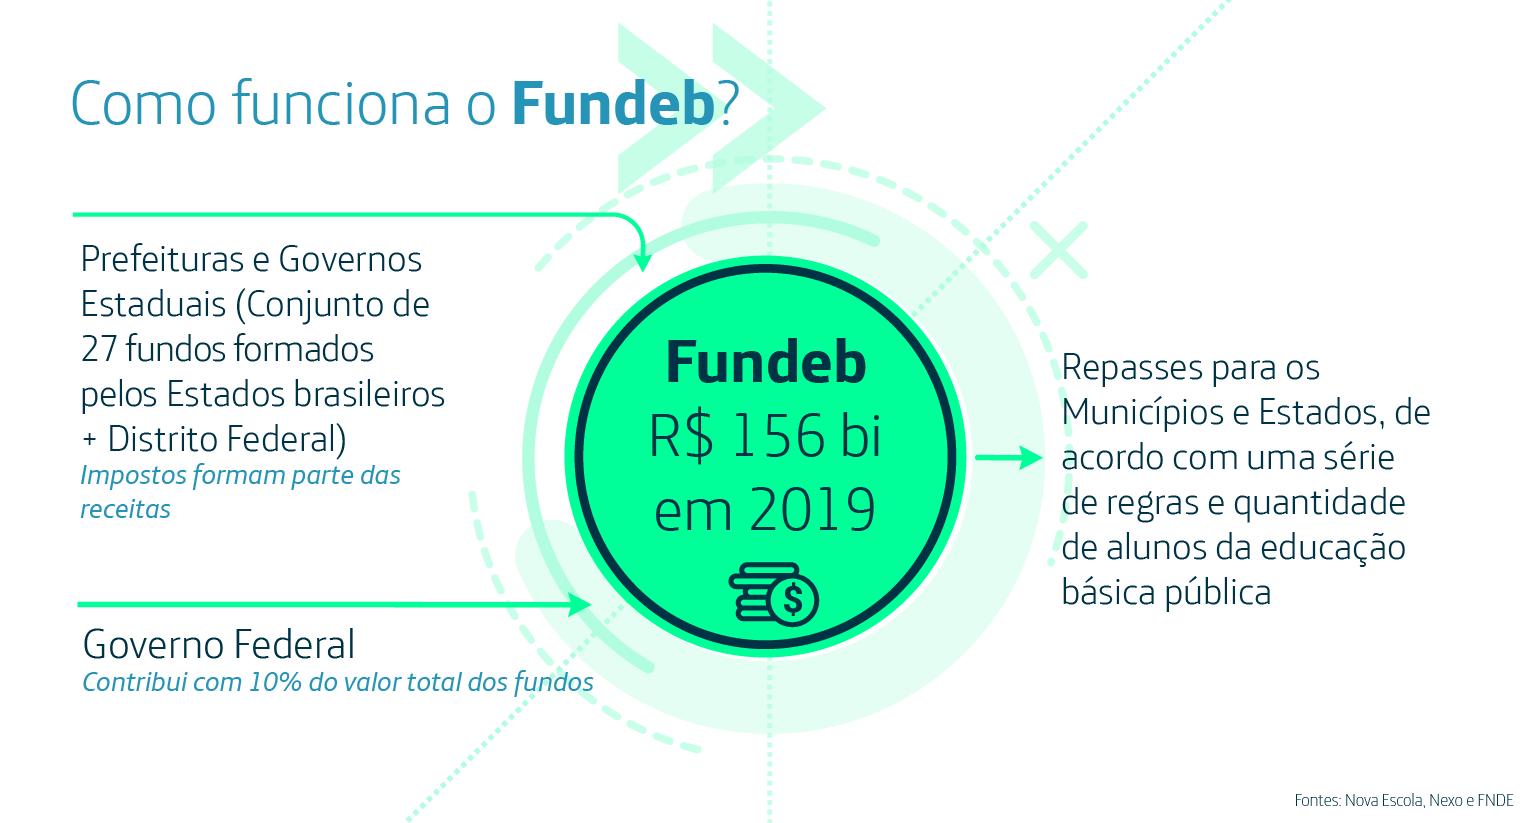 Infográfico sobre como funciona o Fundeb